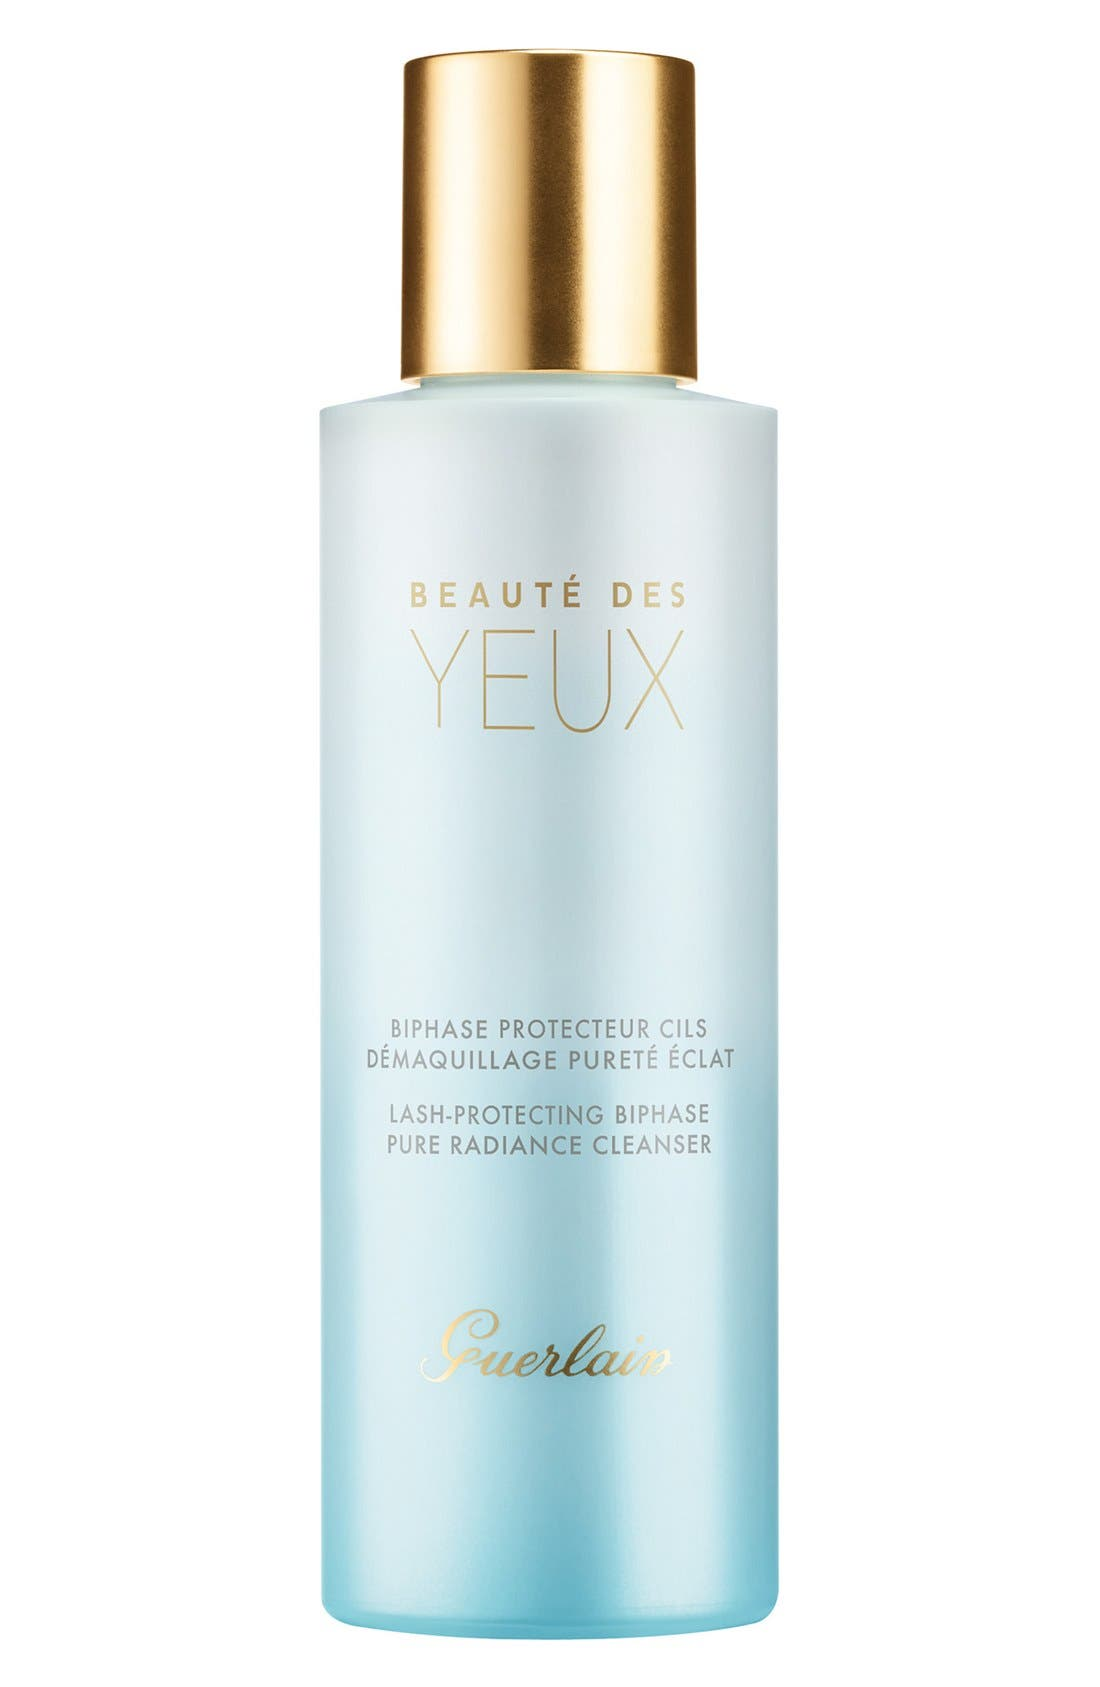 Secret de Pureté - Beauté des Yeux Gentle Eye Makeup Remover,                             Main thumbnail 1, color,                             NO COLOR